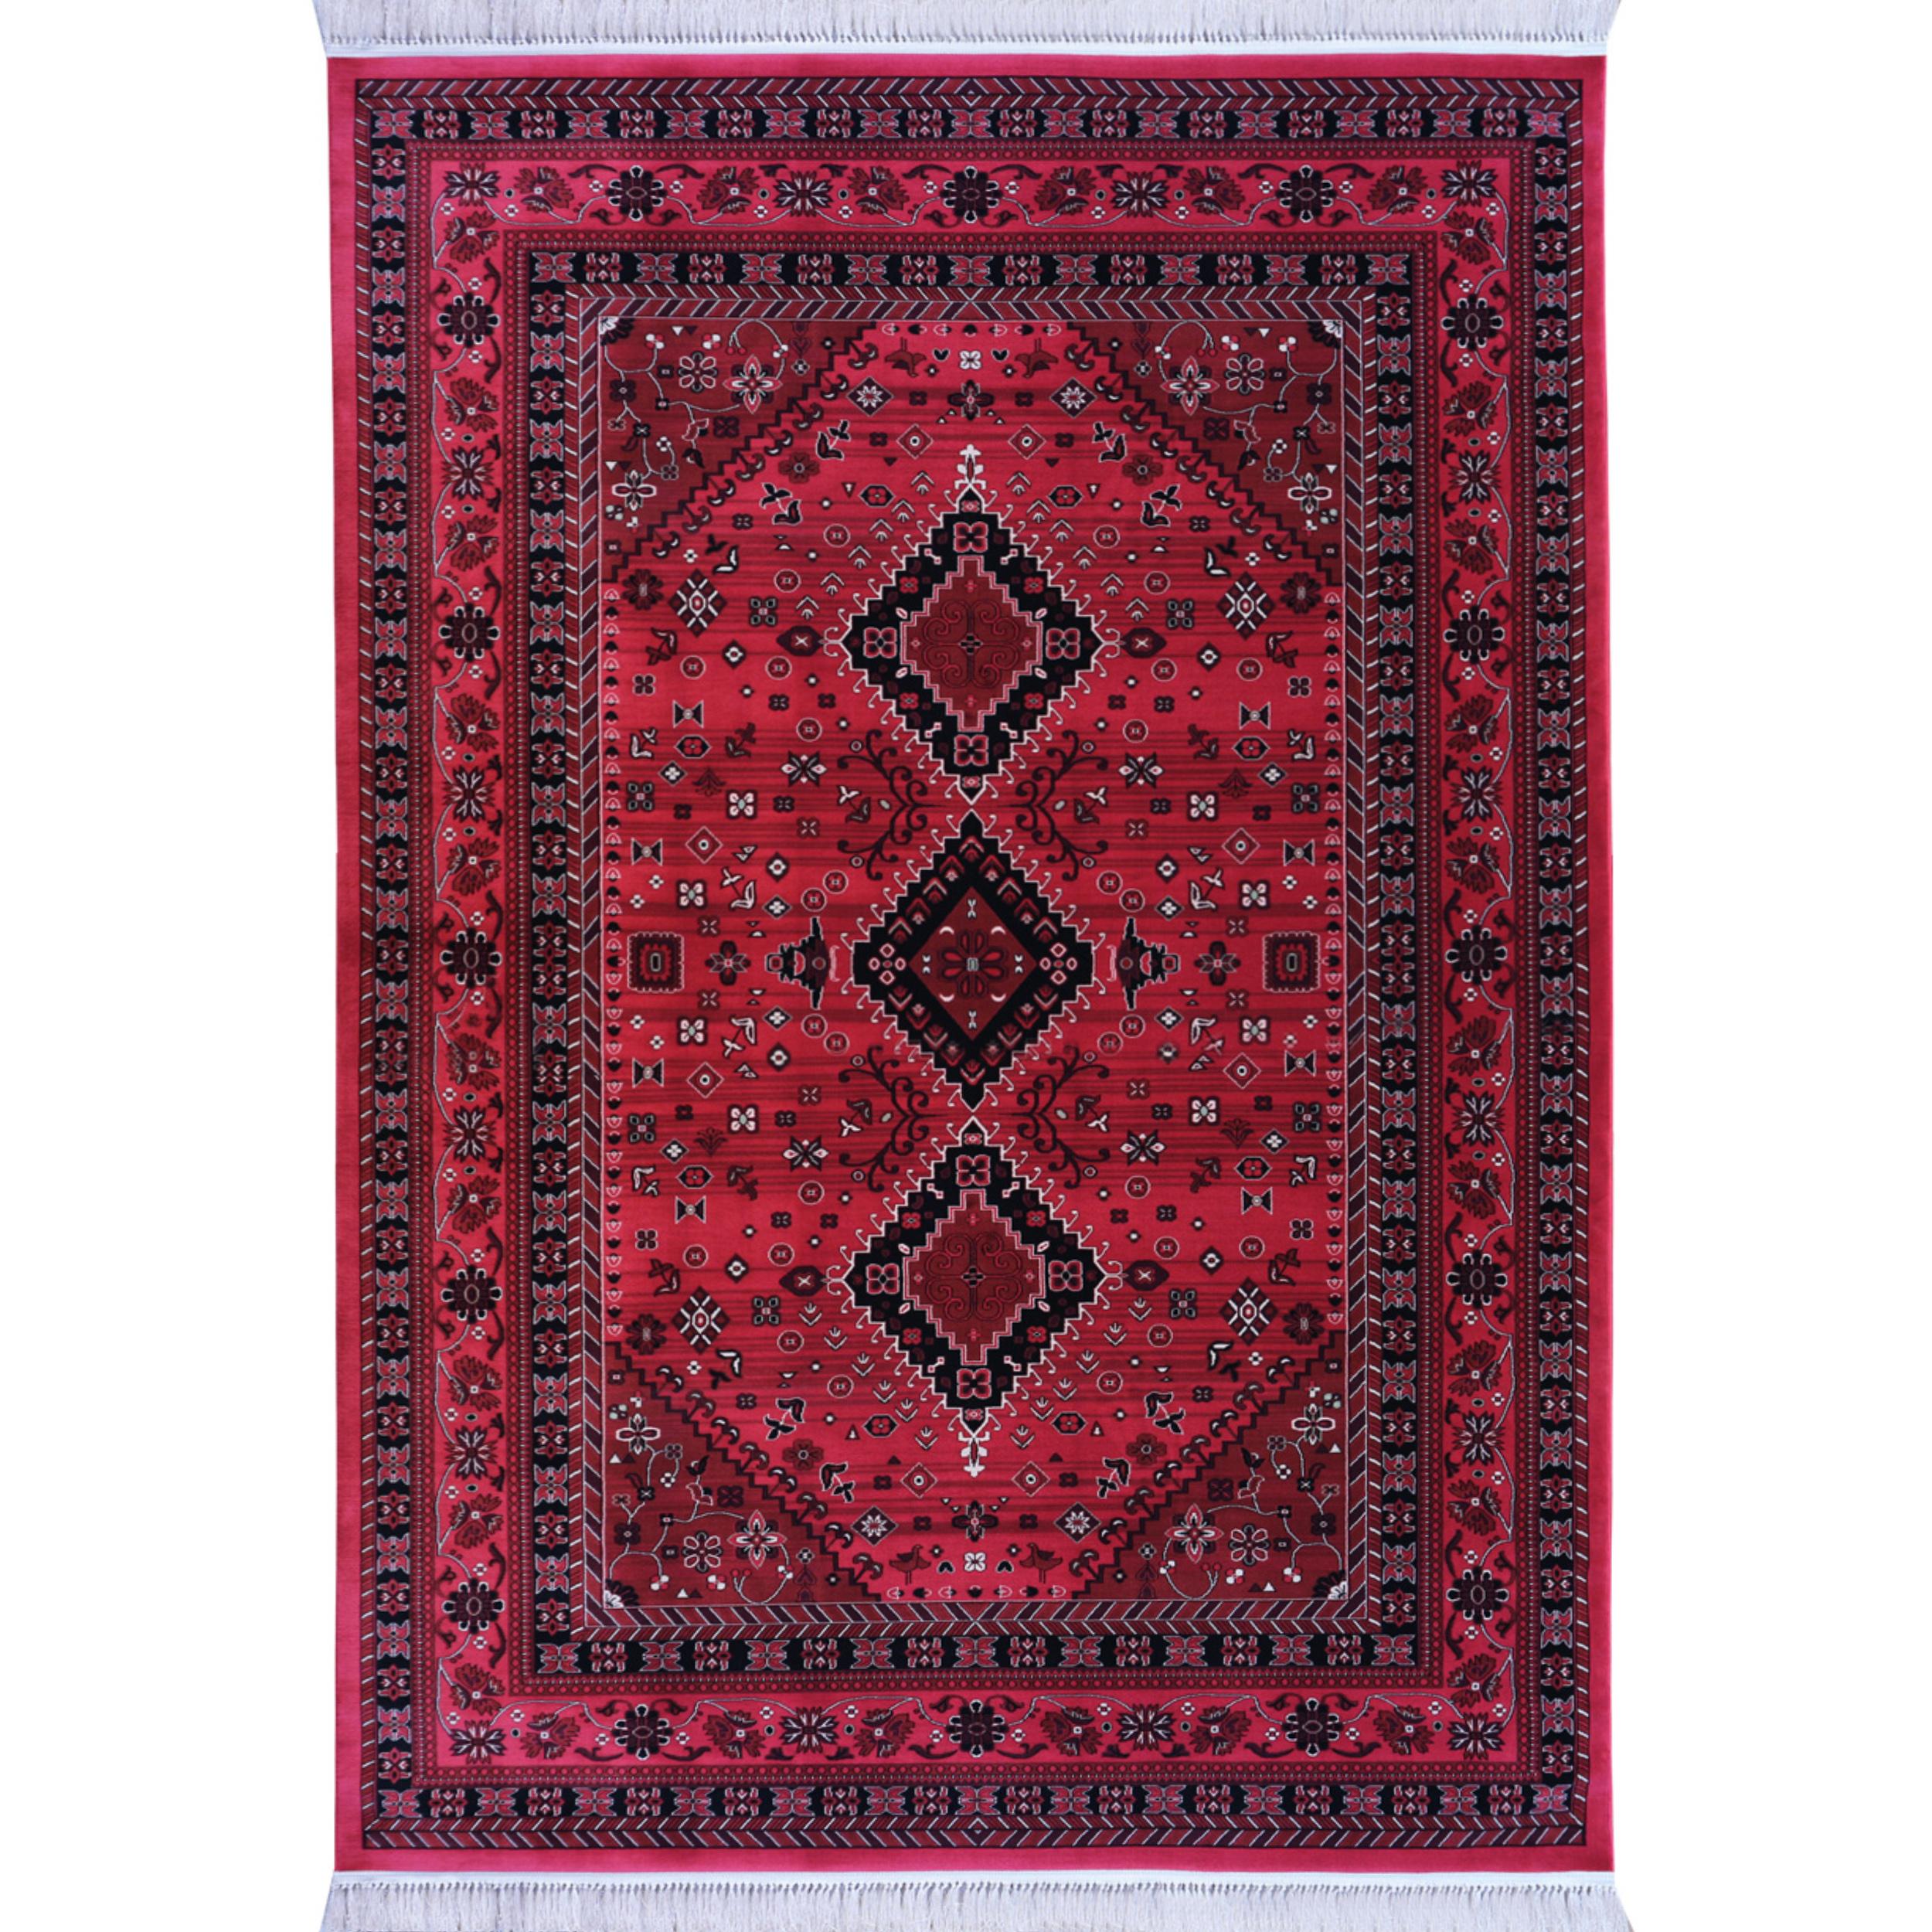 فرش ماشینی رادین اصفهان طرح بلوچ 5 رنگ زمینه اناری